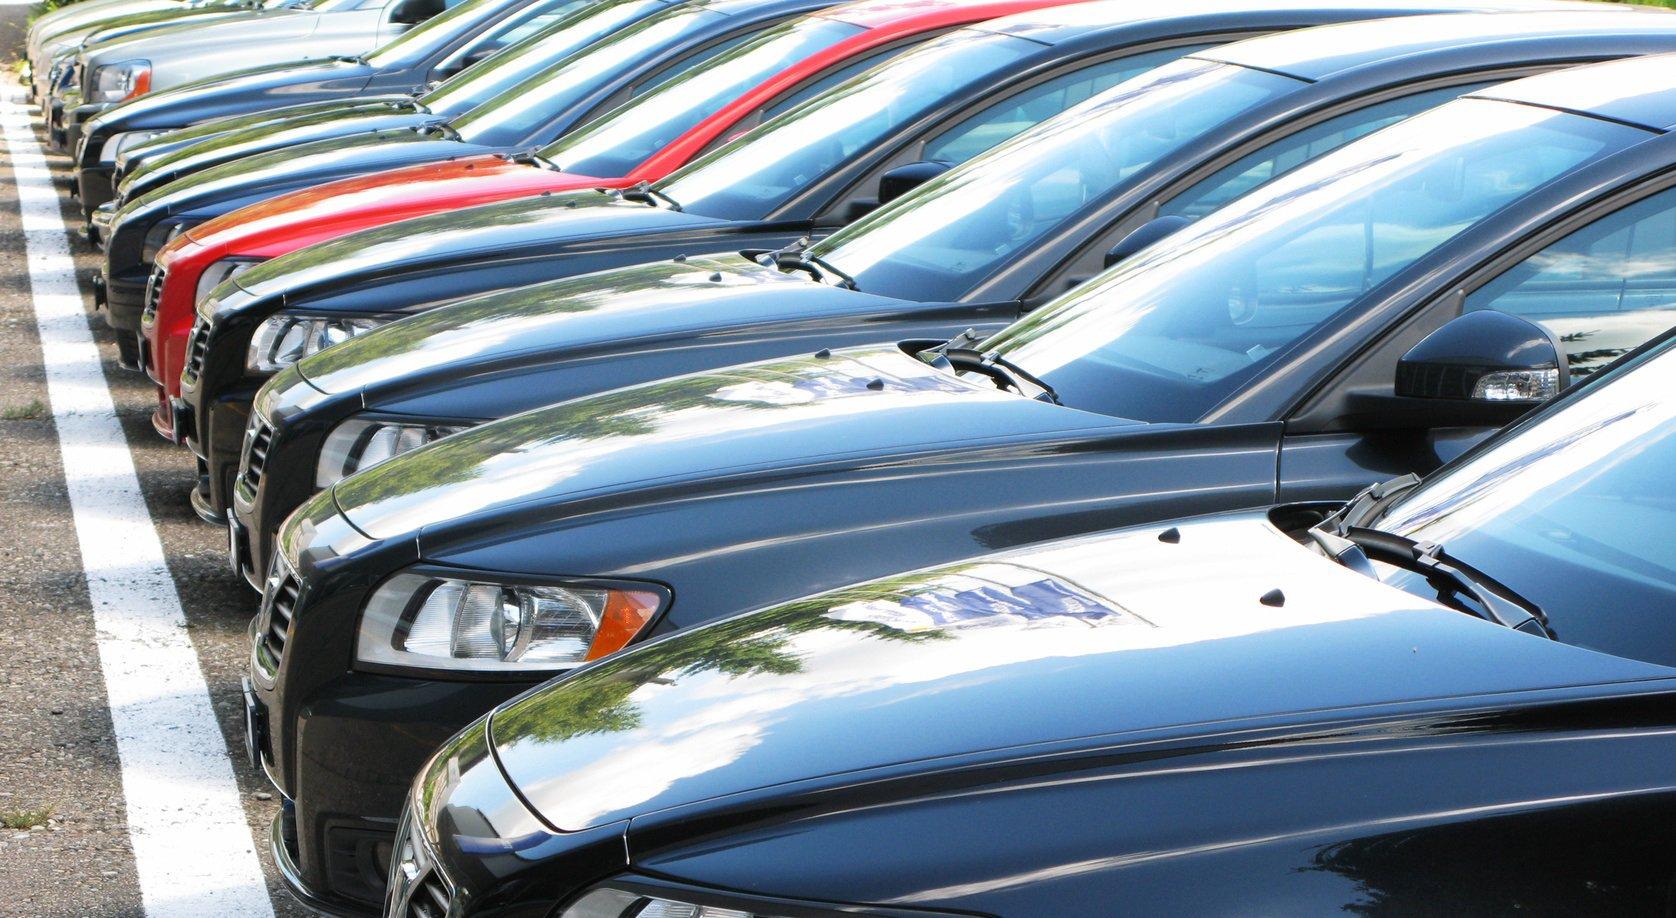 Рынок автомобилей России, импорт может упасть вдвое в 2015 году